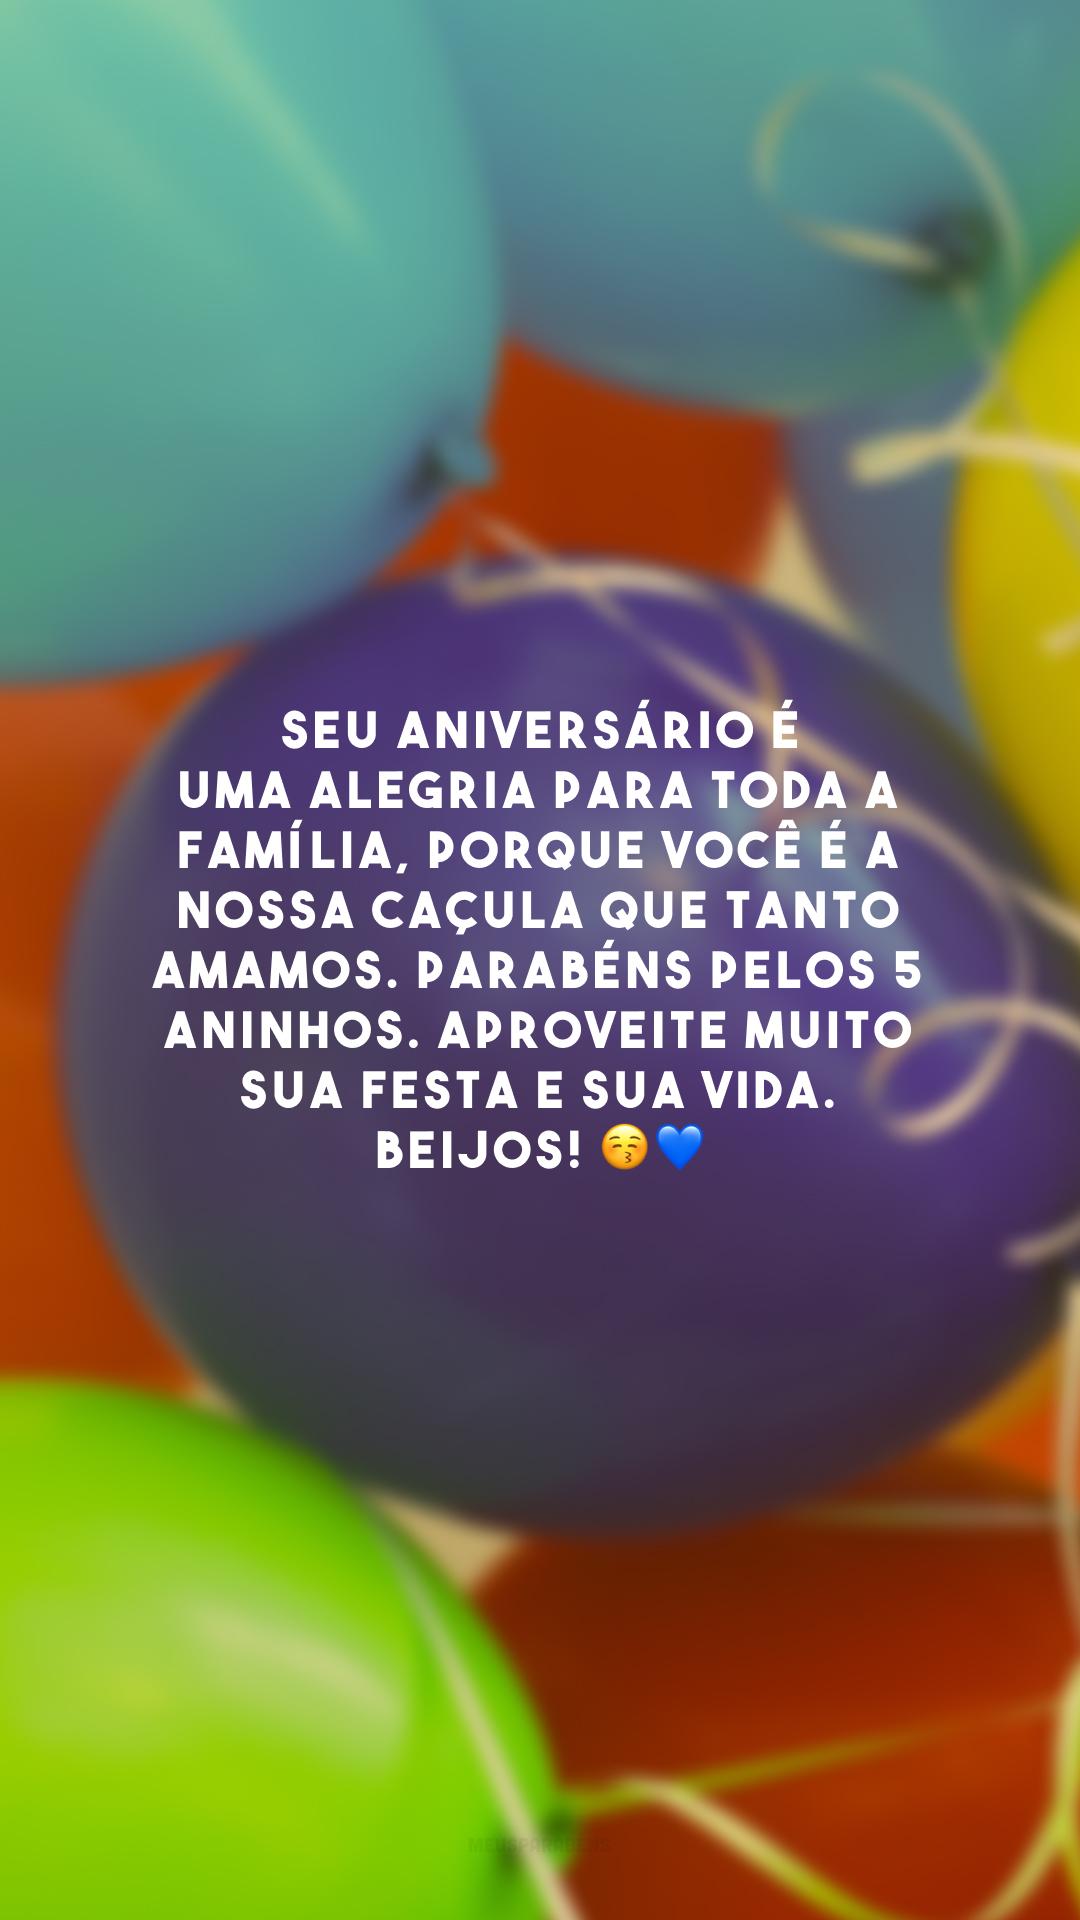 Seu aniversário é uma alegria para toda a família, porque você é a nossa caçula que tanto amamos. Parabéns pelos 5 aninhos. Aproveite muito sua festa e sua vida. Beijos! 😚💙